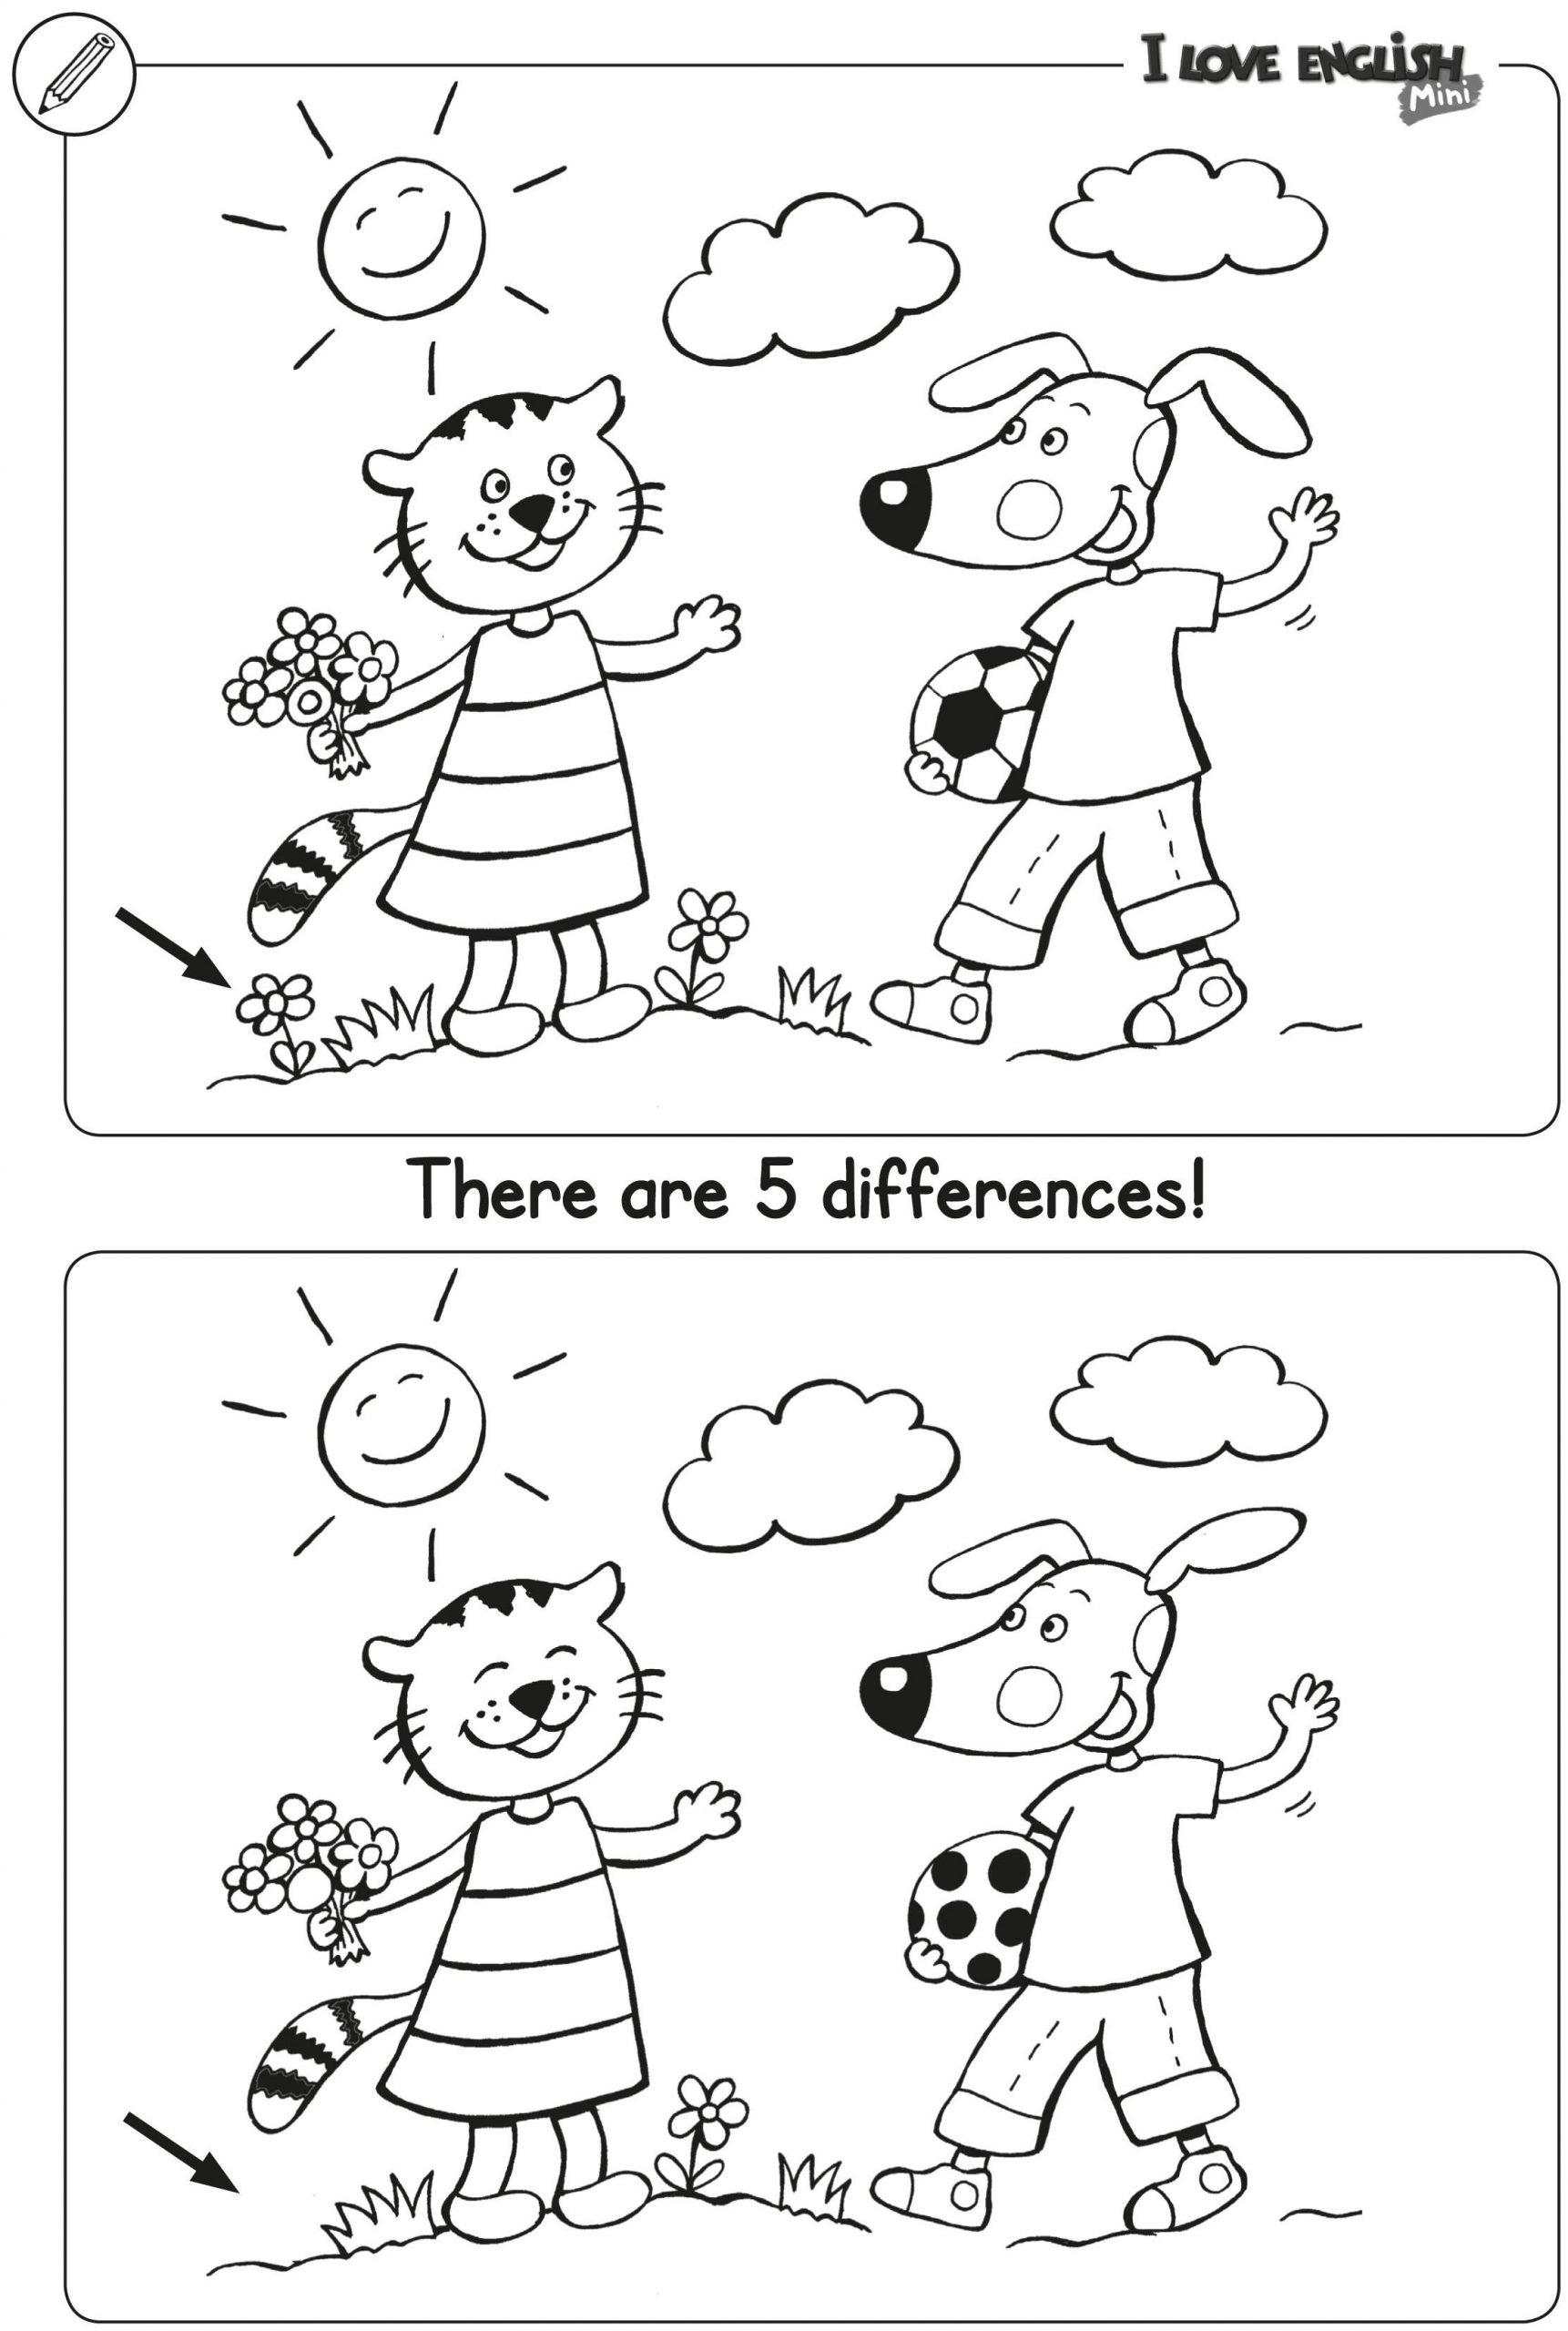 Ausmalbild Suchbilder Für Kinder: I Love English Mini in Unterschiede Finden Kostenlos